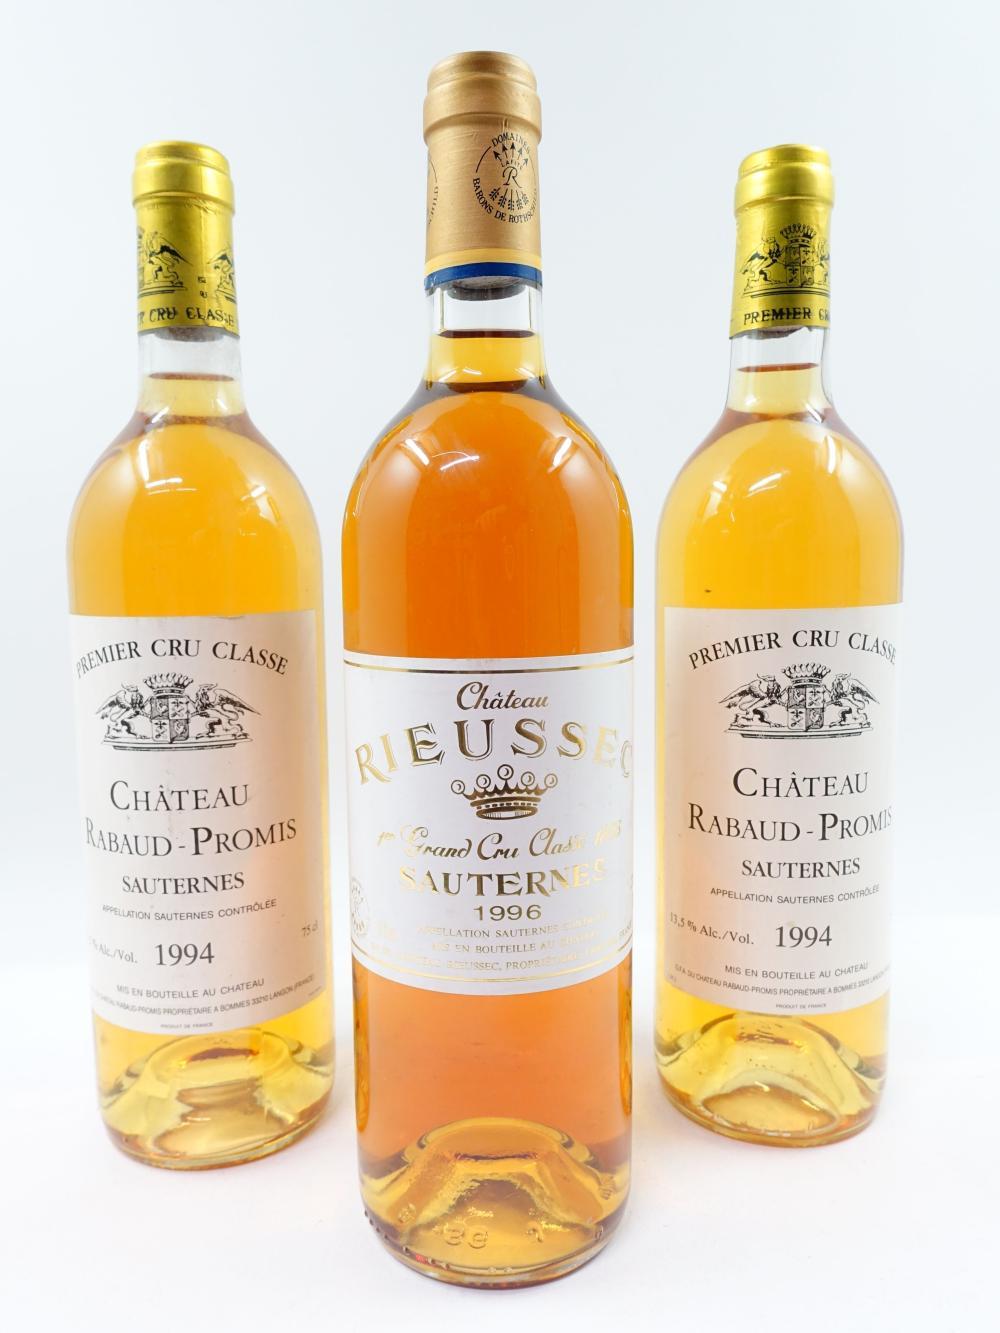 3 bouteilles 2 bts : CHÂTEAU RABAUD PROMIS 1994 Sauternes (1 étiquette léger tachée)